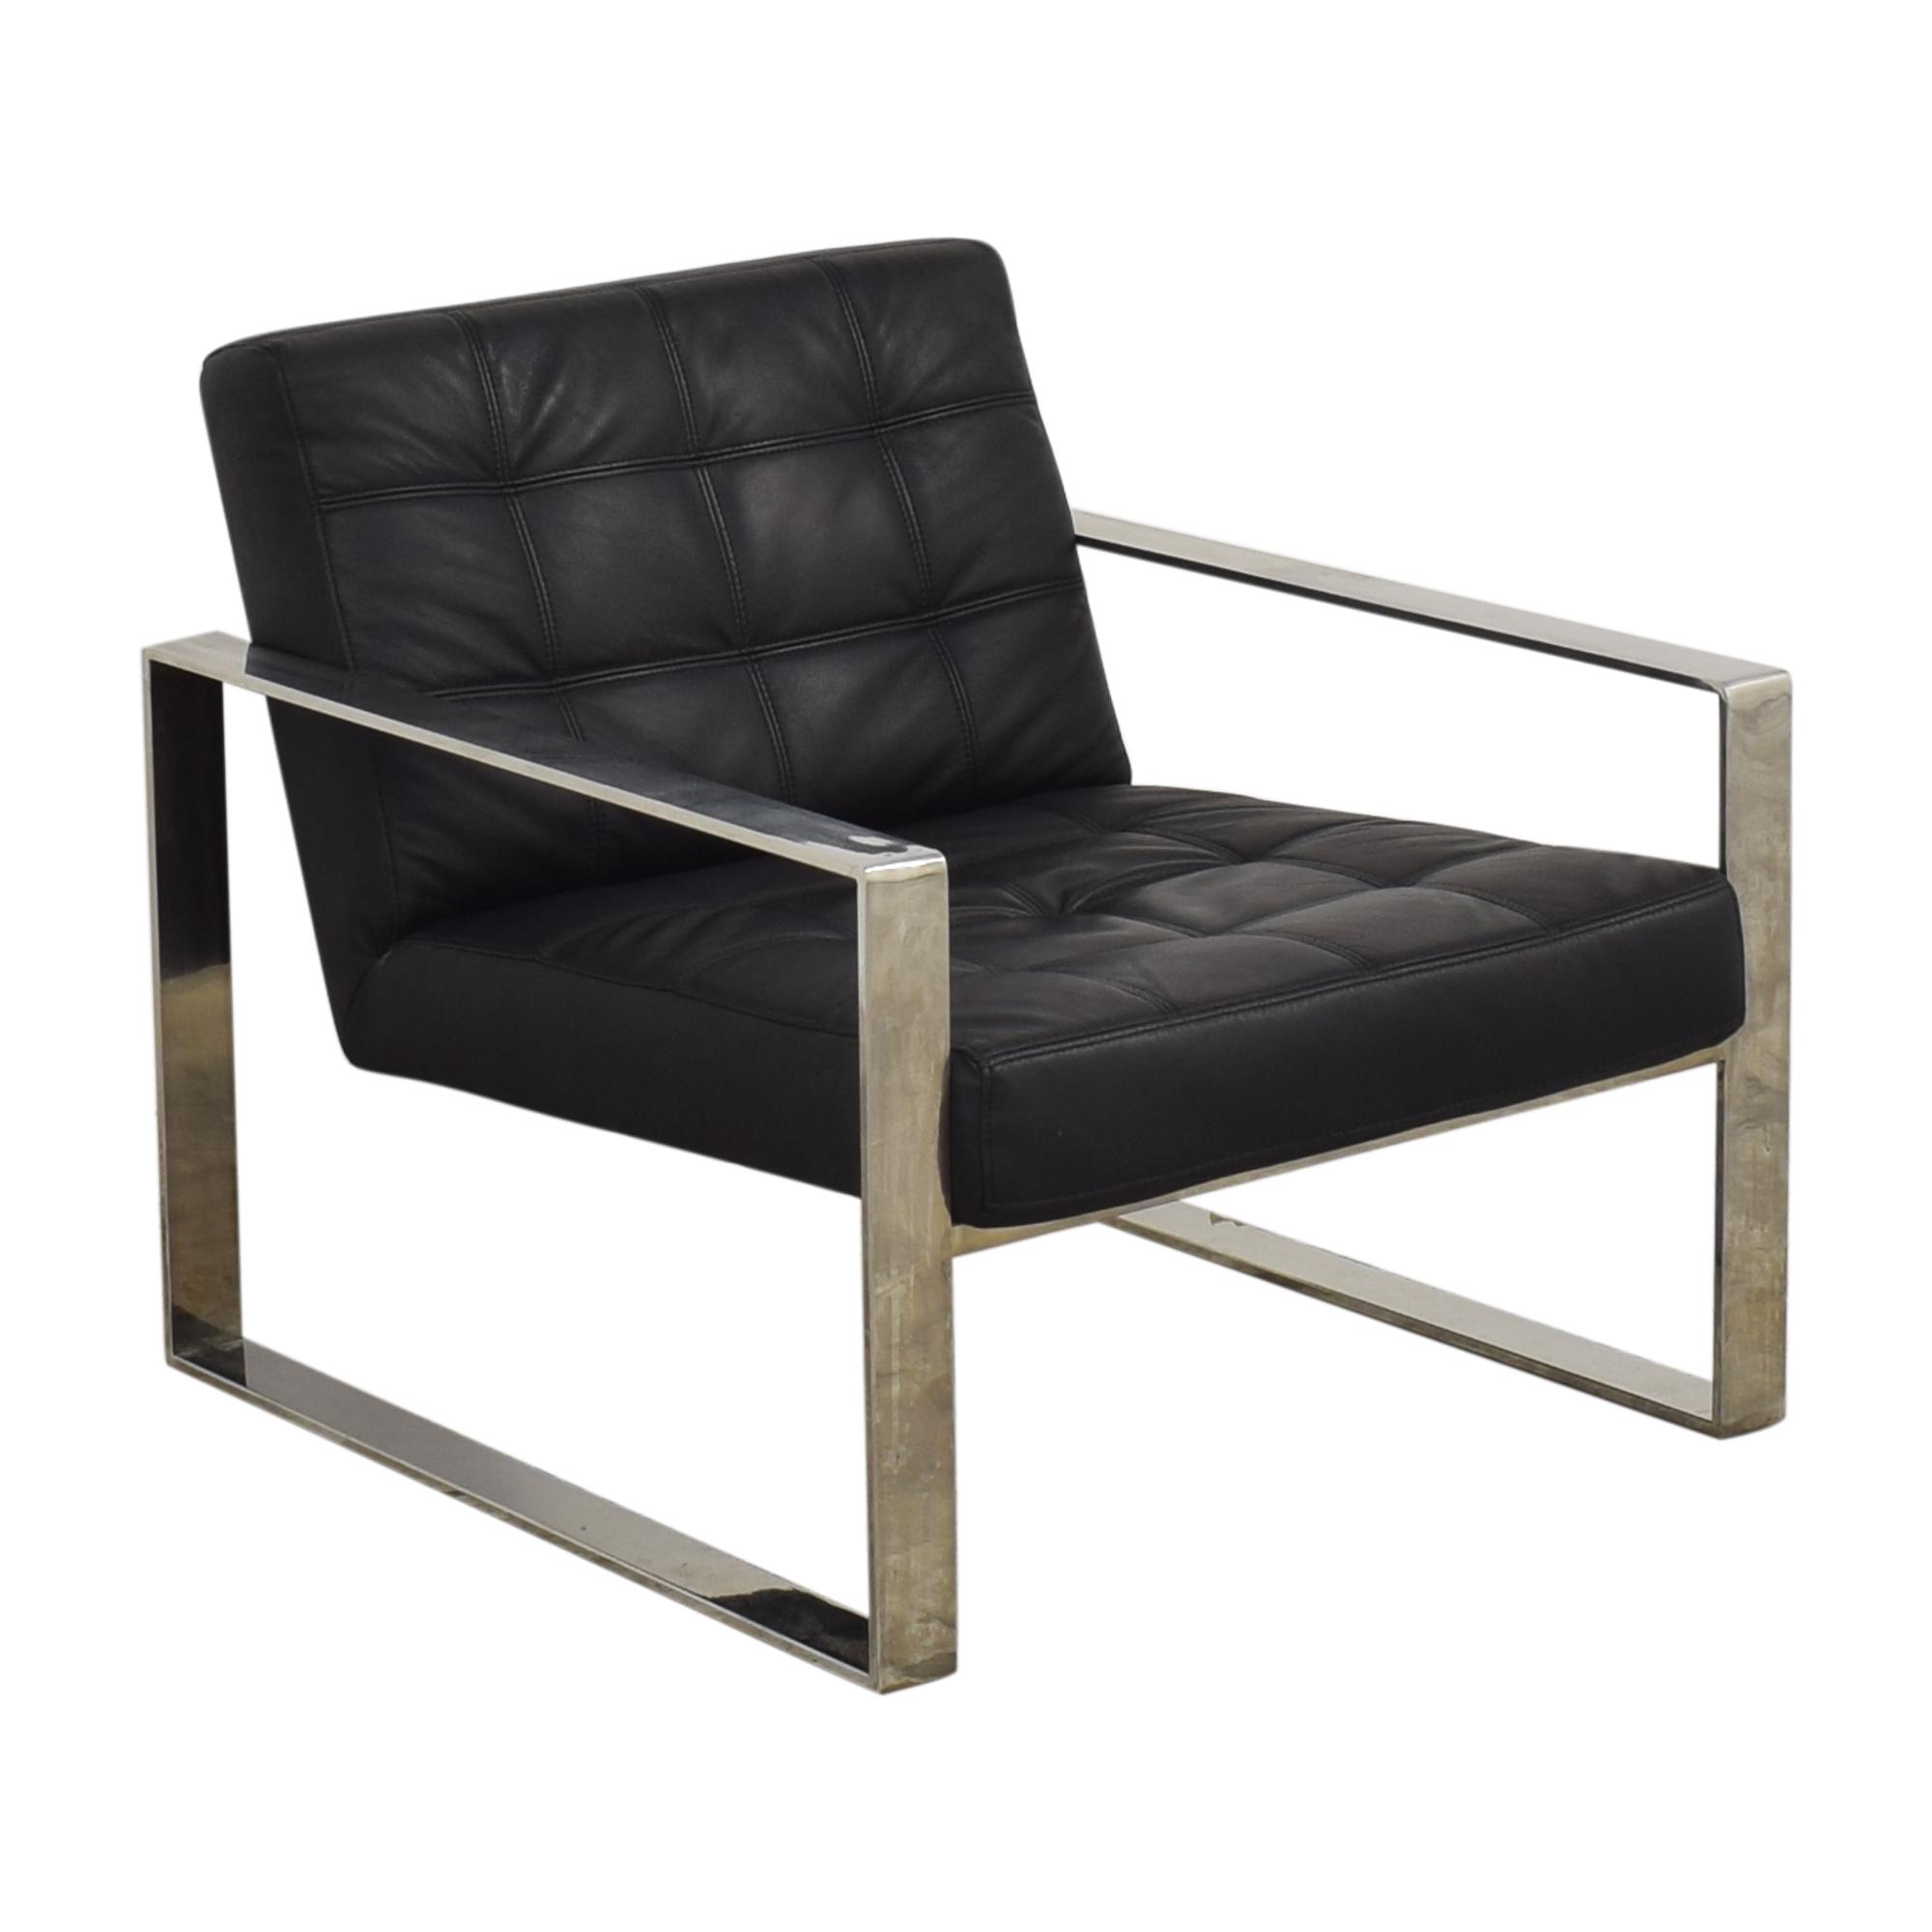 Modani Modani Savina Modern Armchair